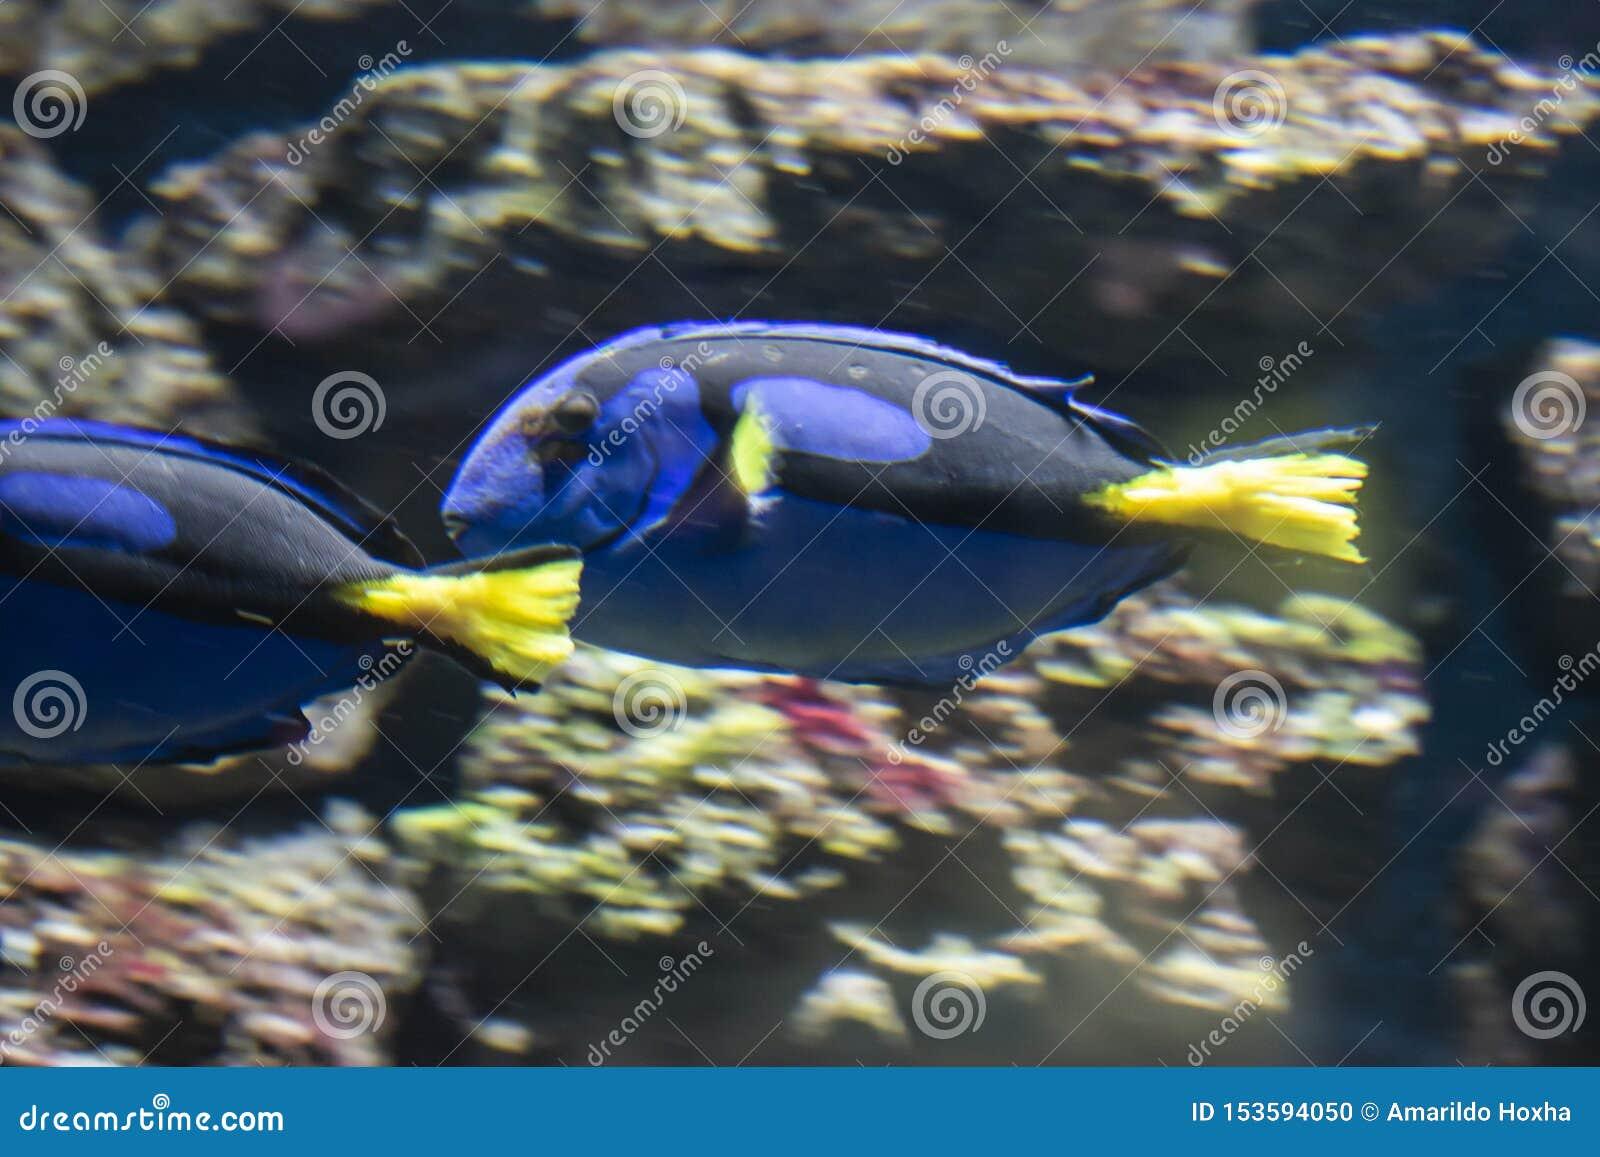 Den blåa skarp smakfisken